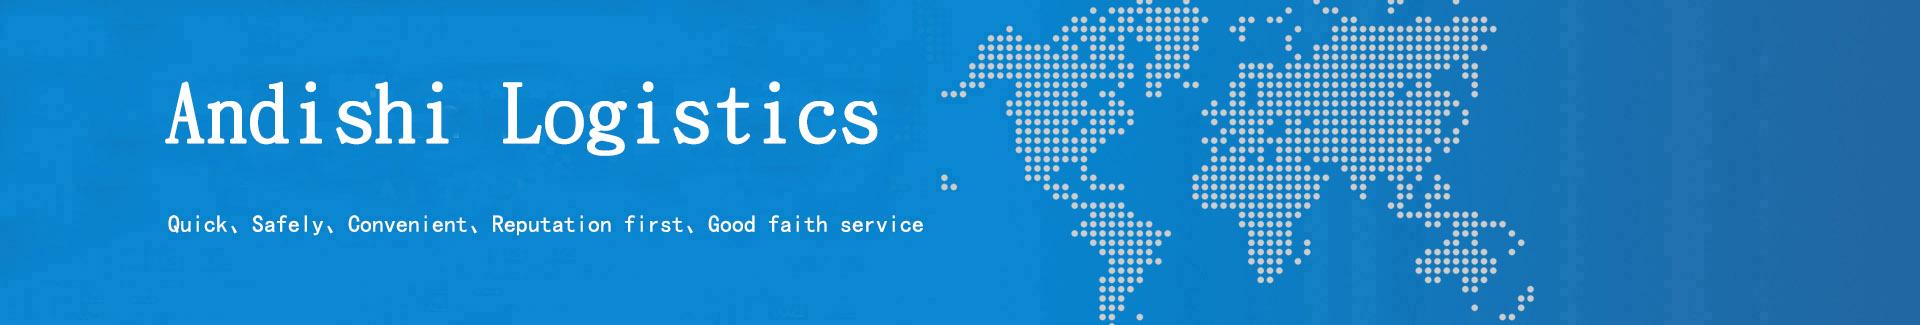 Contact 湖北安递世国际物流有限公司UPS, DHL, FedEx,TNT Int'l